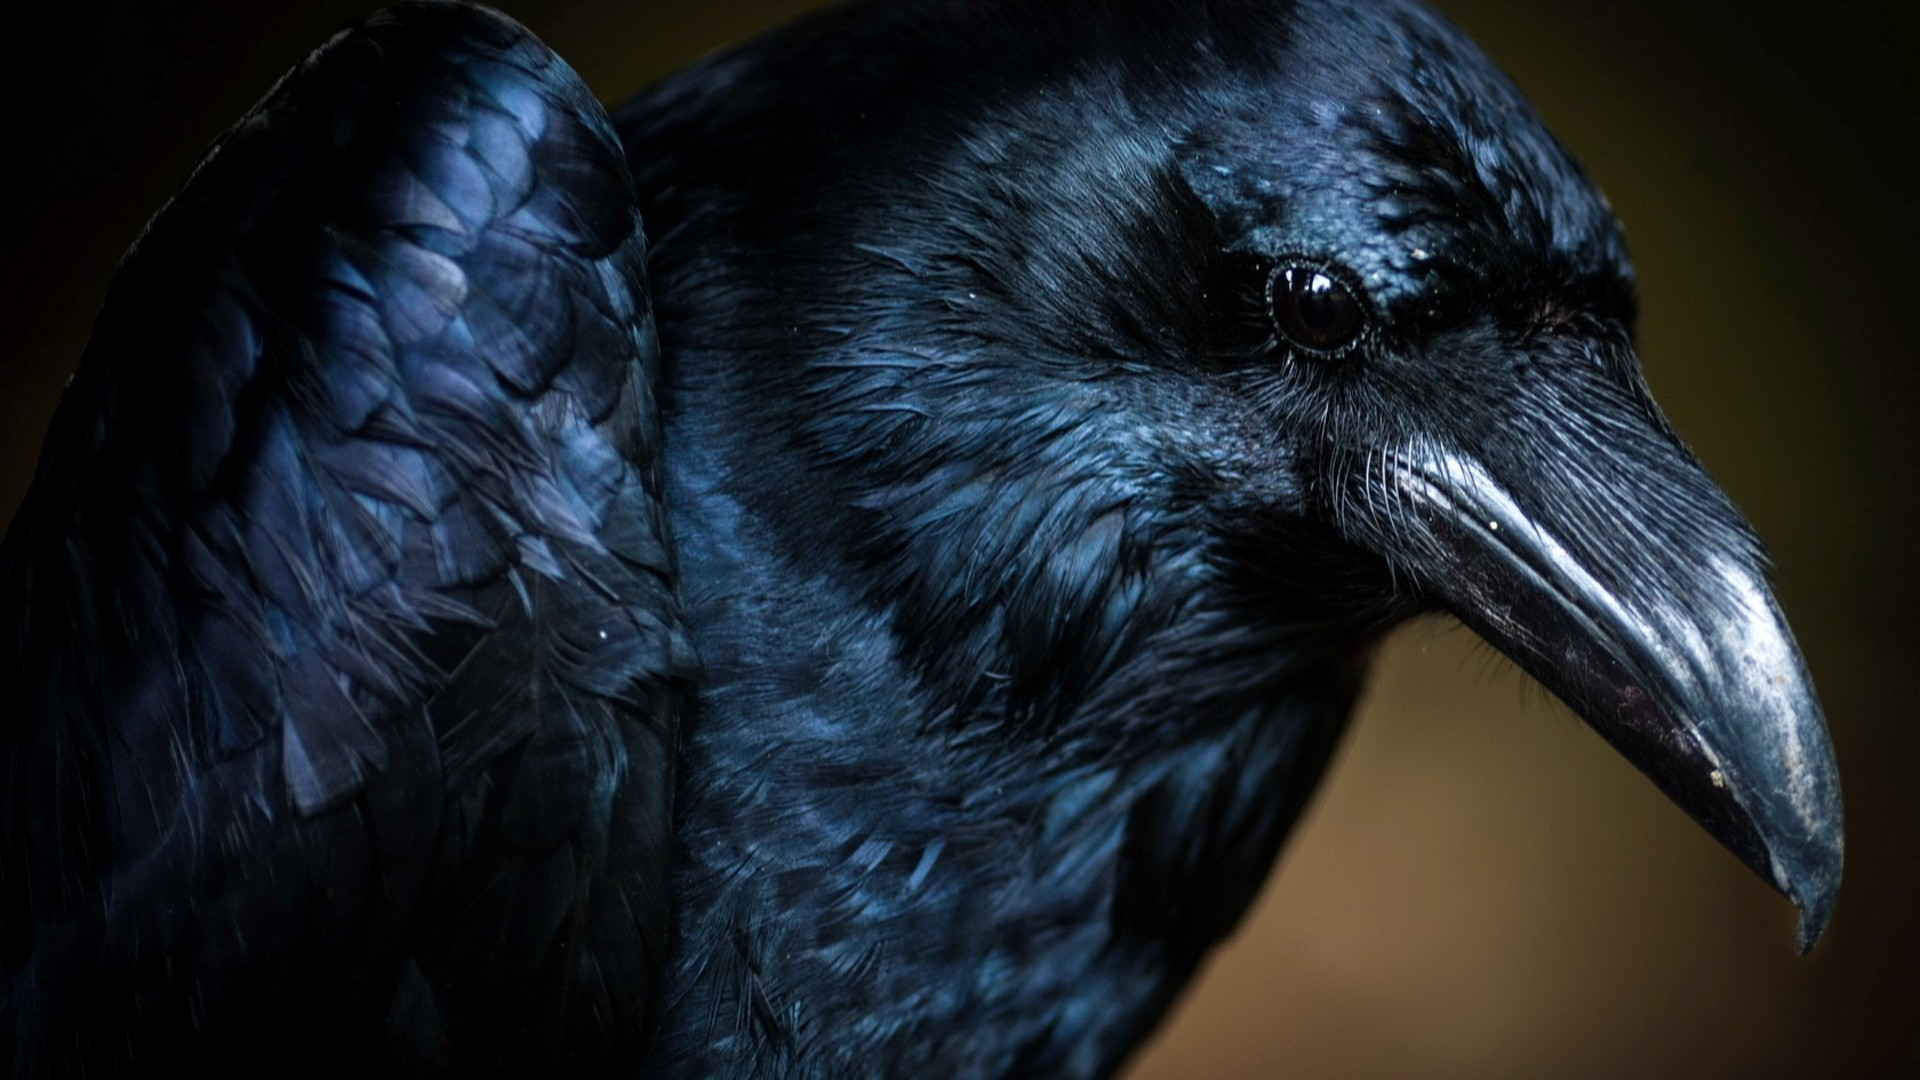 Raven Wallpaper image hd